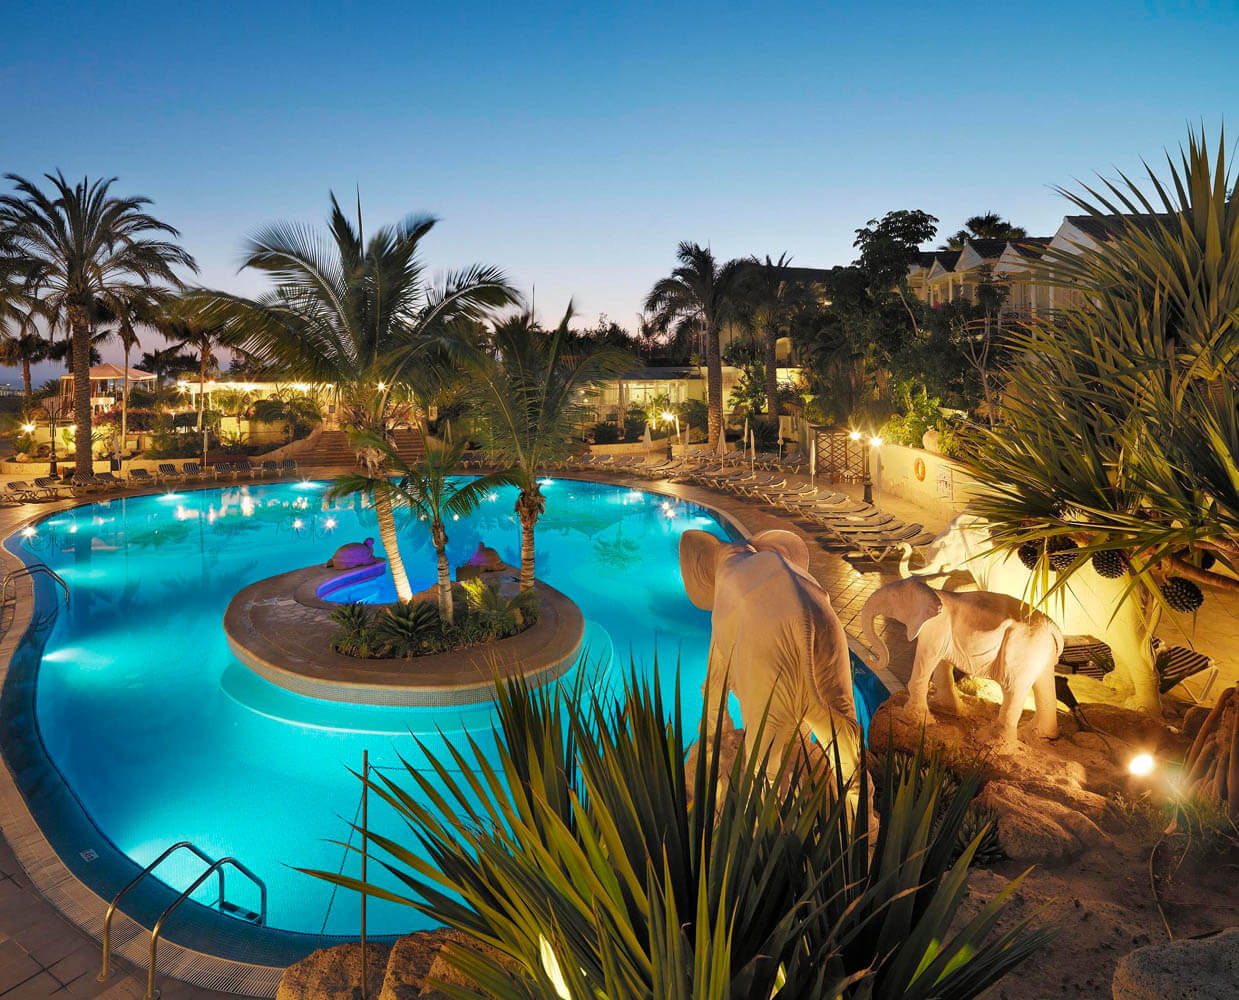 utak, Tenerife, Playa de las Americas, Gran Oasis Resort, 0